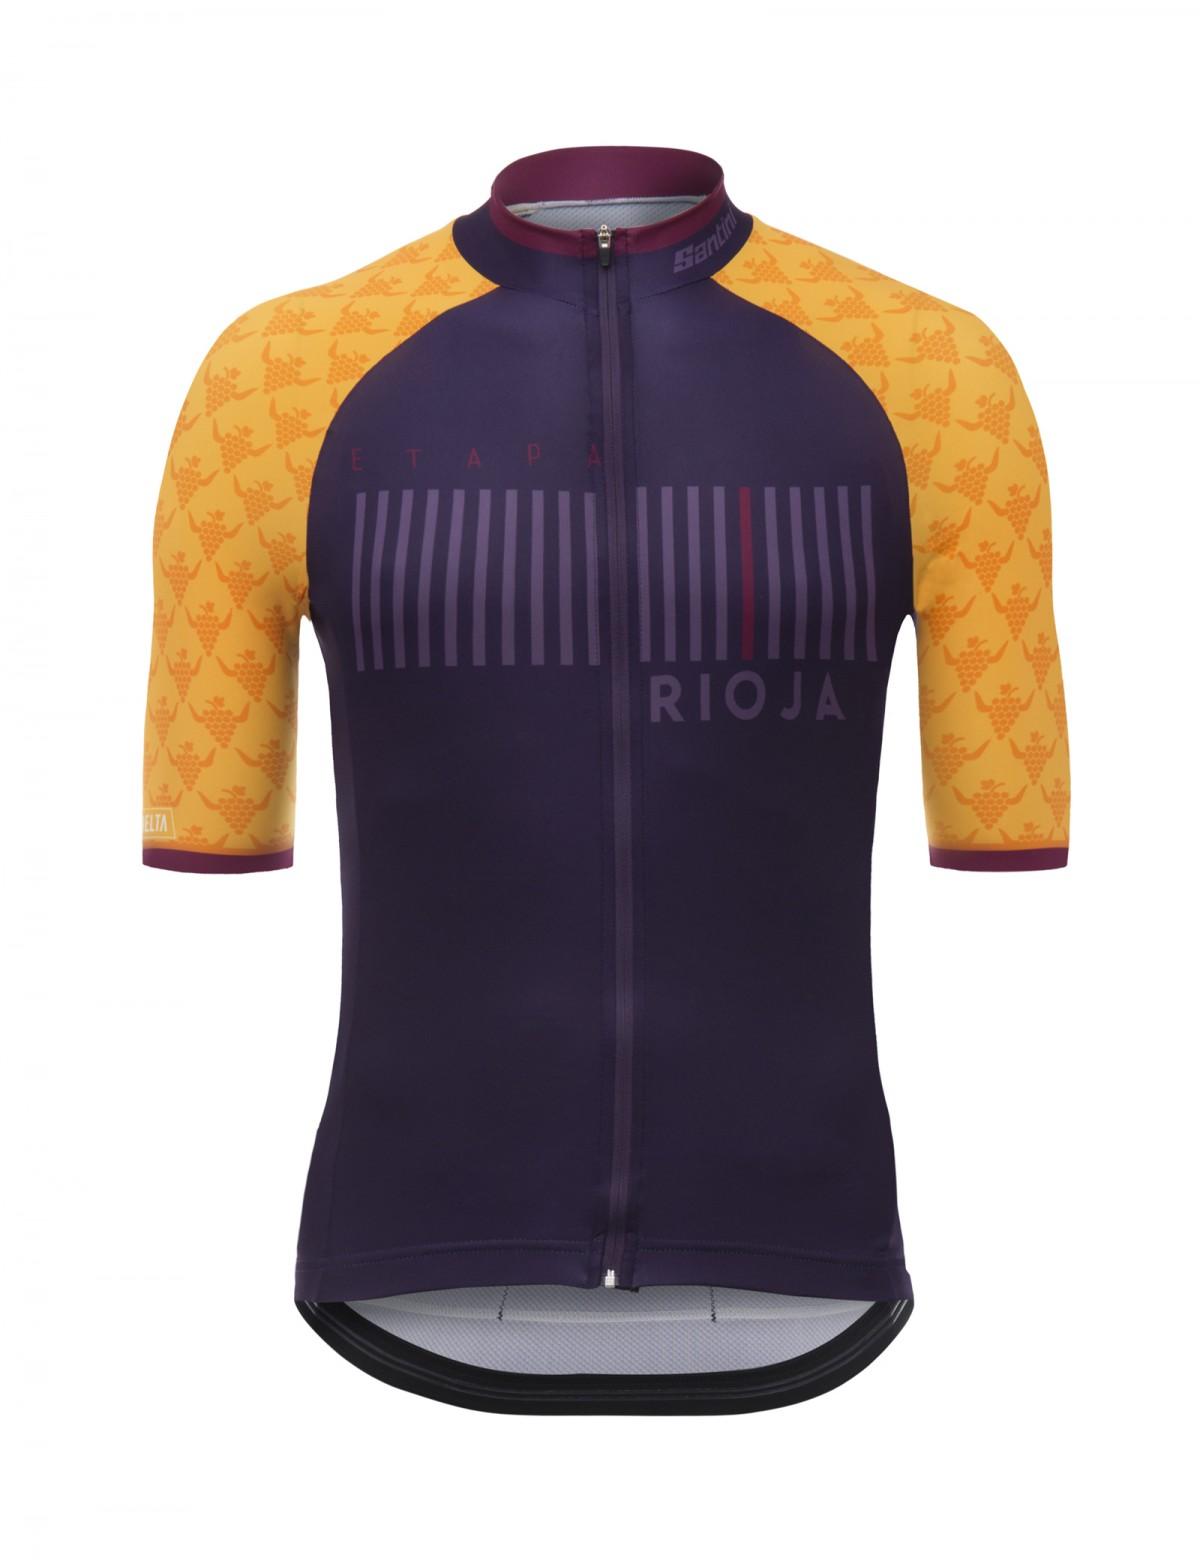 Vuelta maglia Rioja